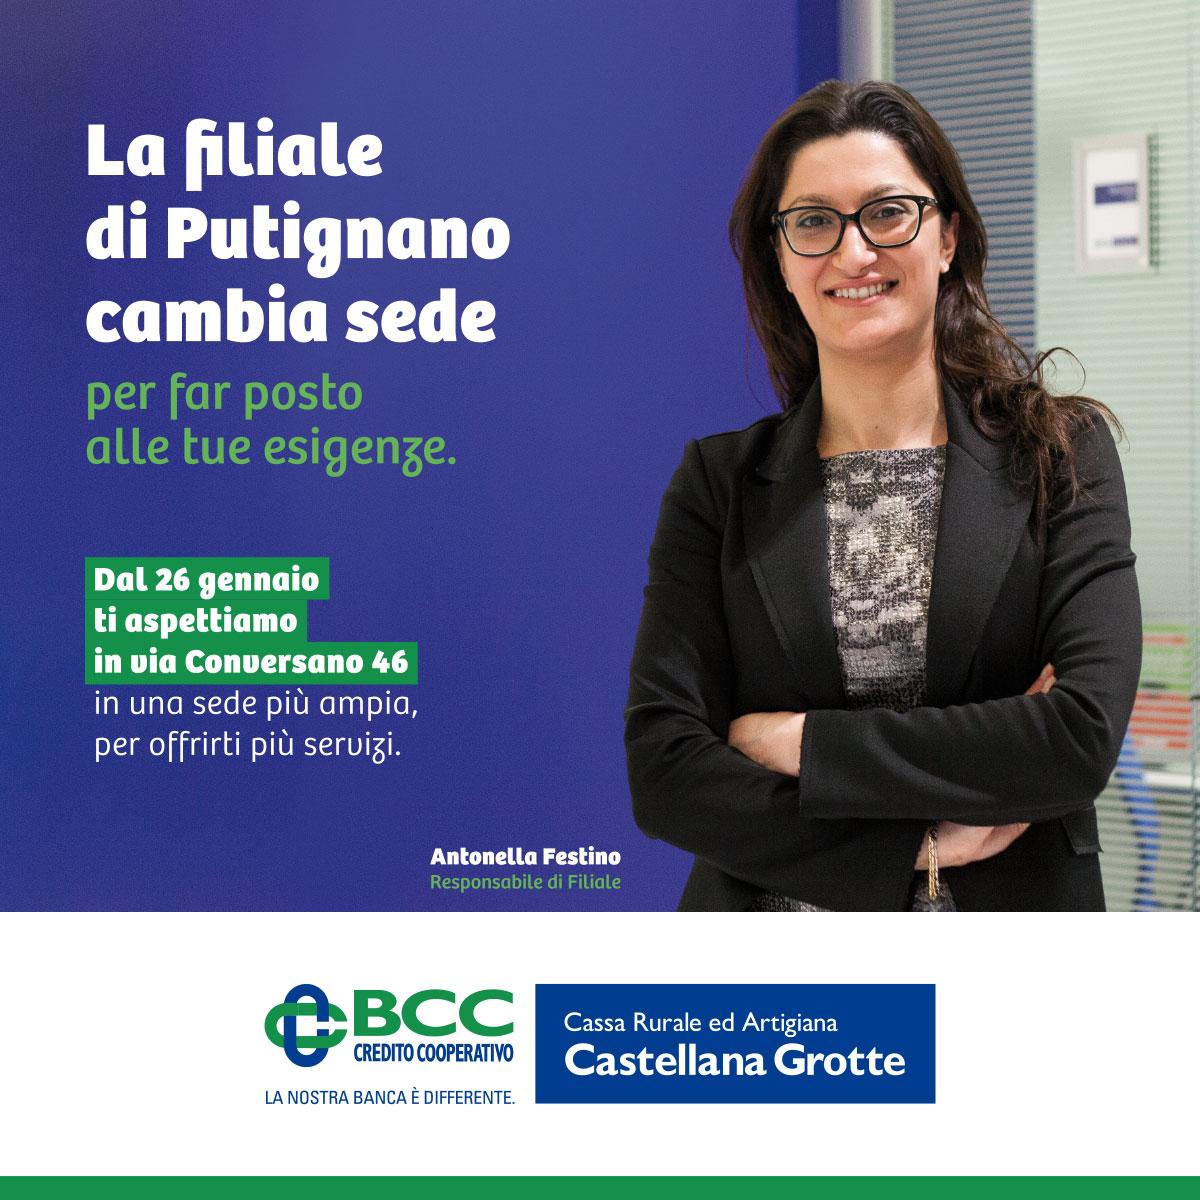 34++ Banca di credito cooperativo di castellana grotte info